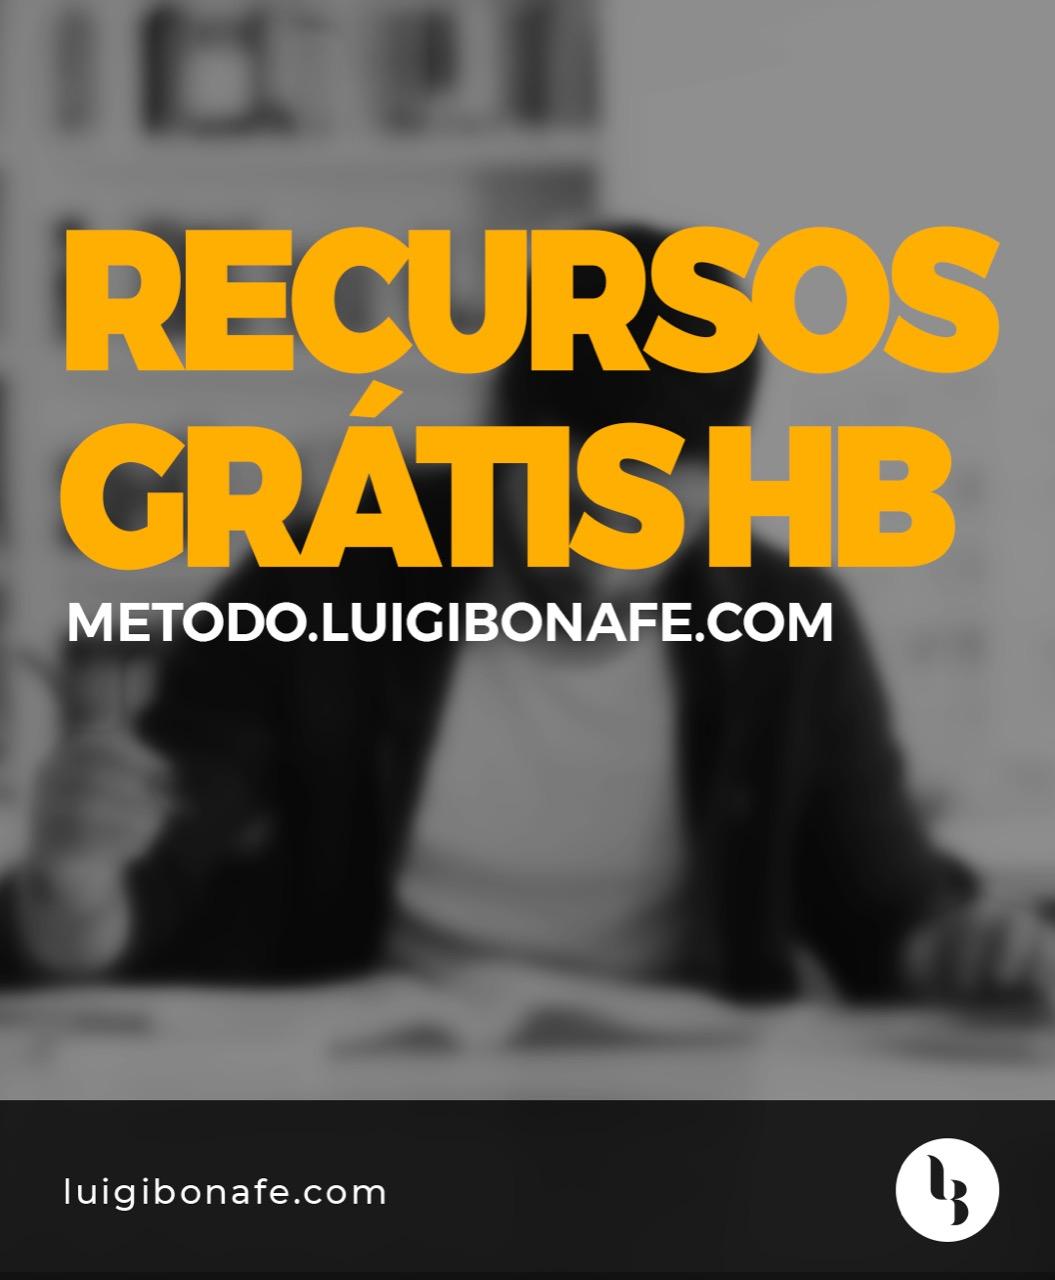 Recursos automágicos de HB para o CACD 2019